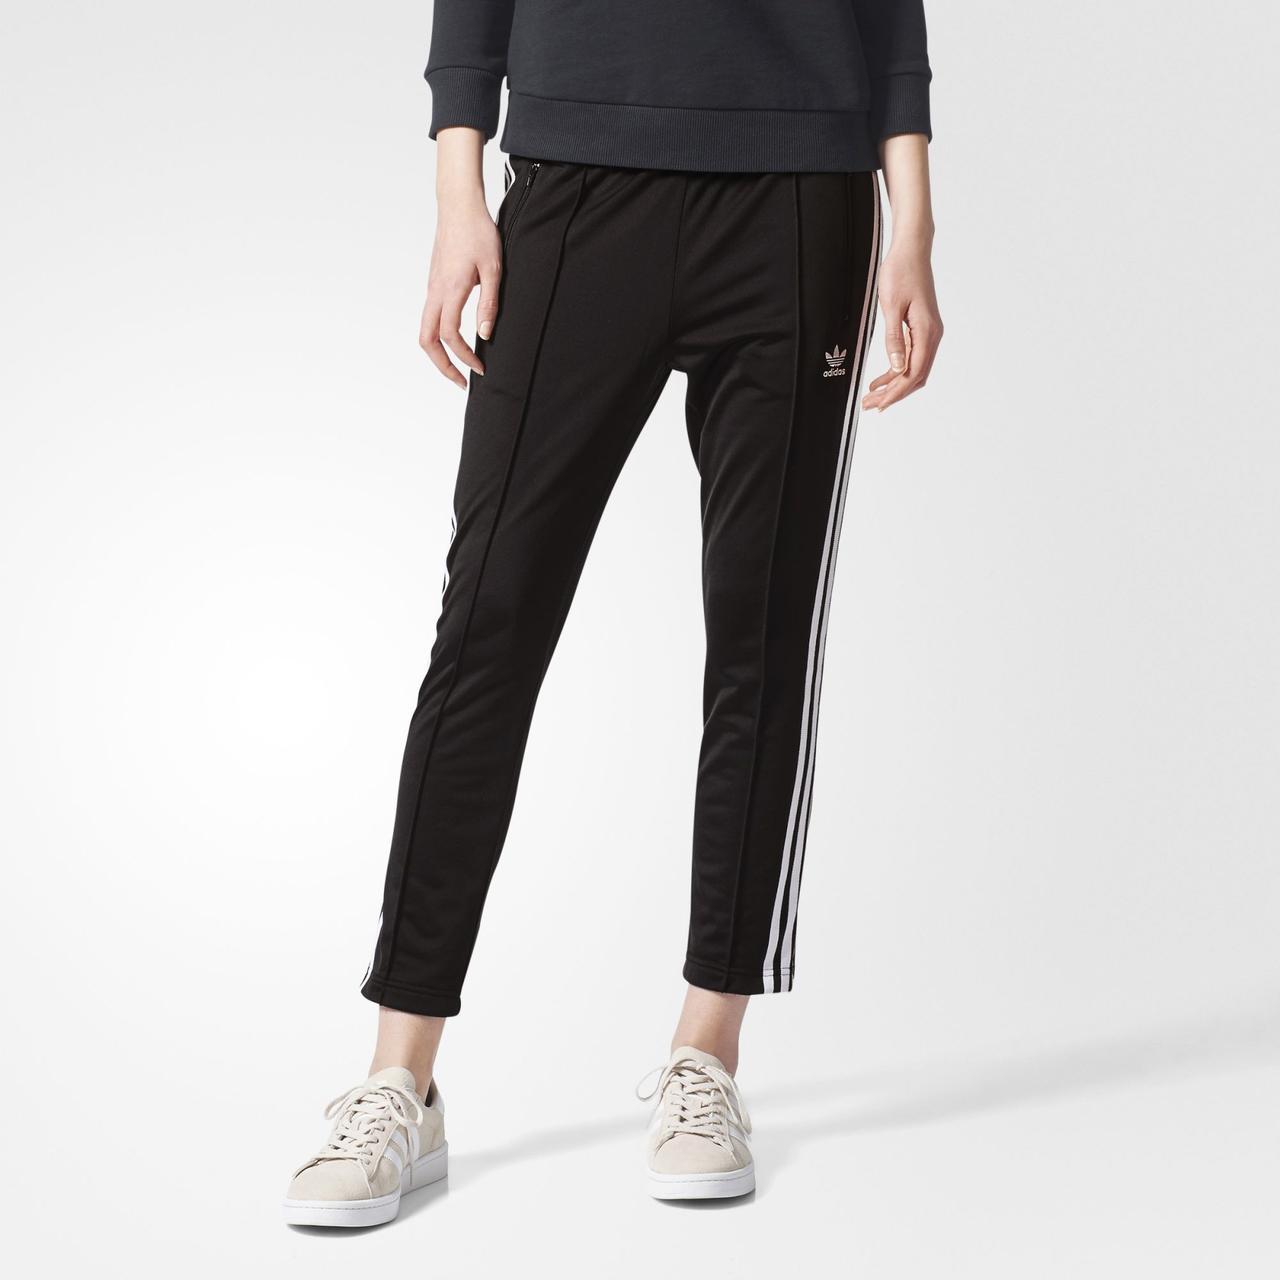 Женские брюки Adidas Originals Cigarette (Артикул: BP9375)